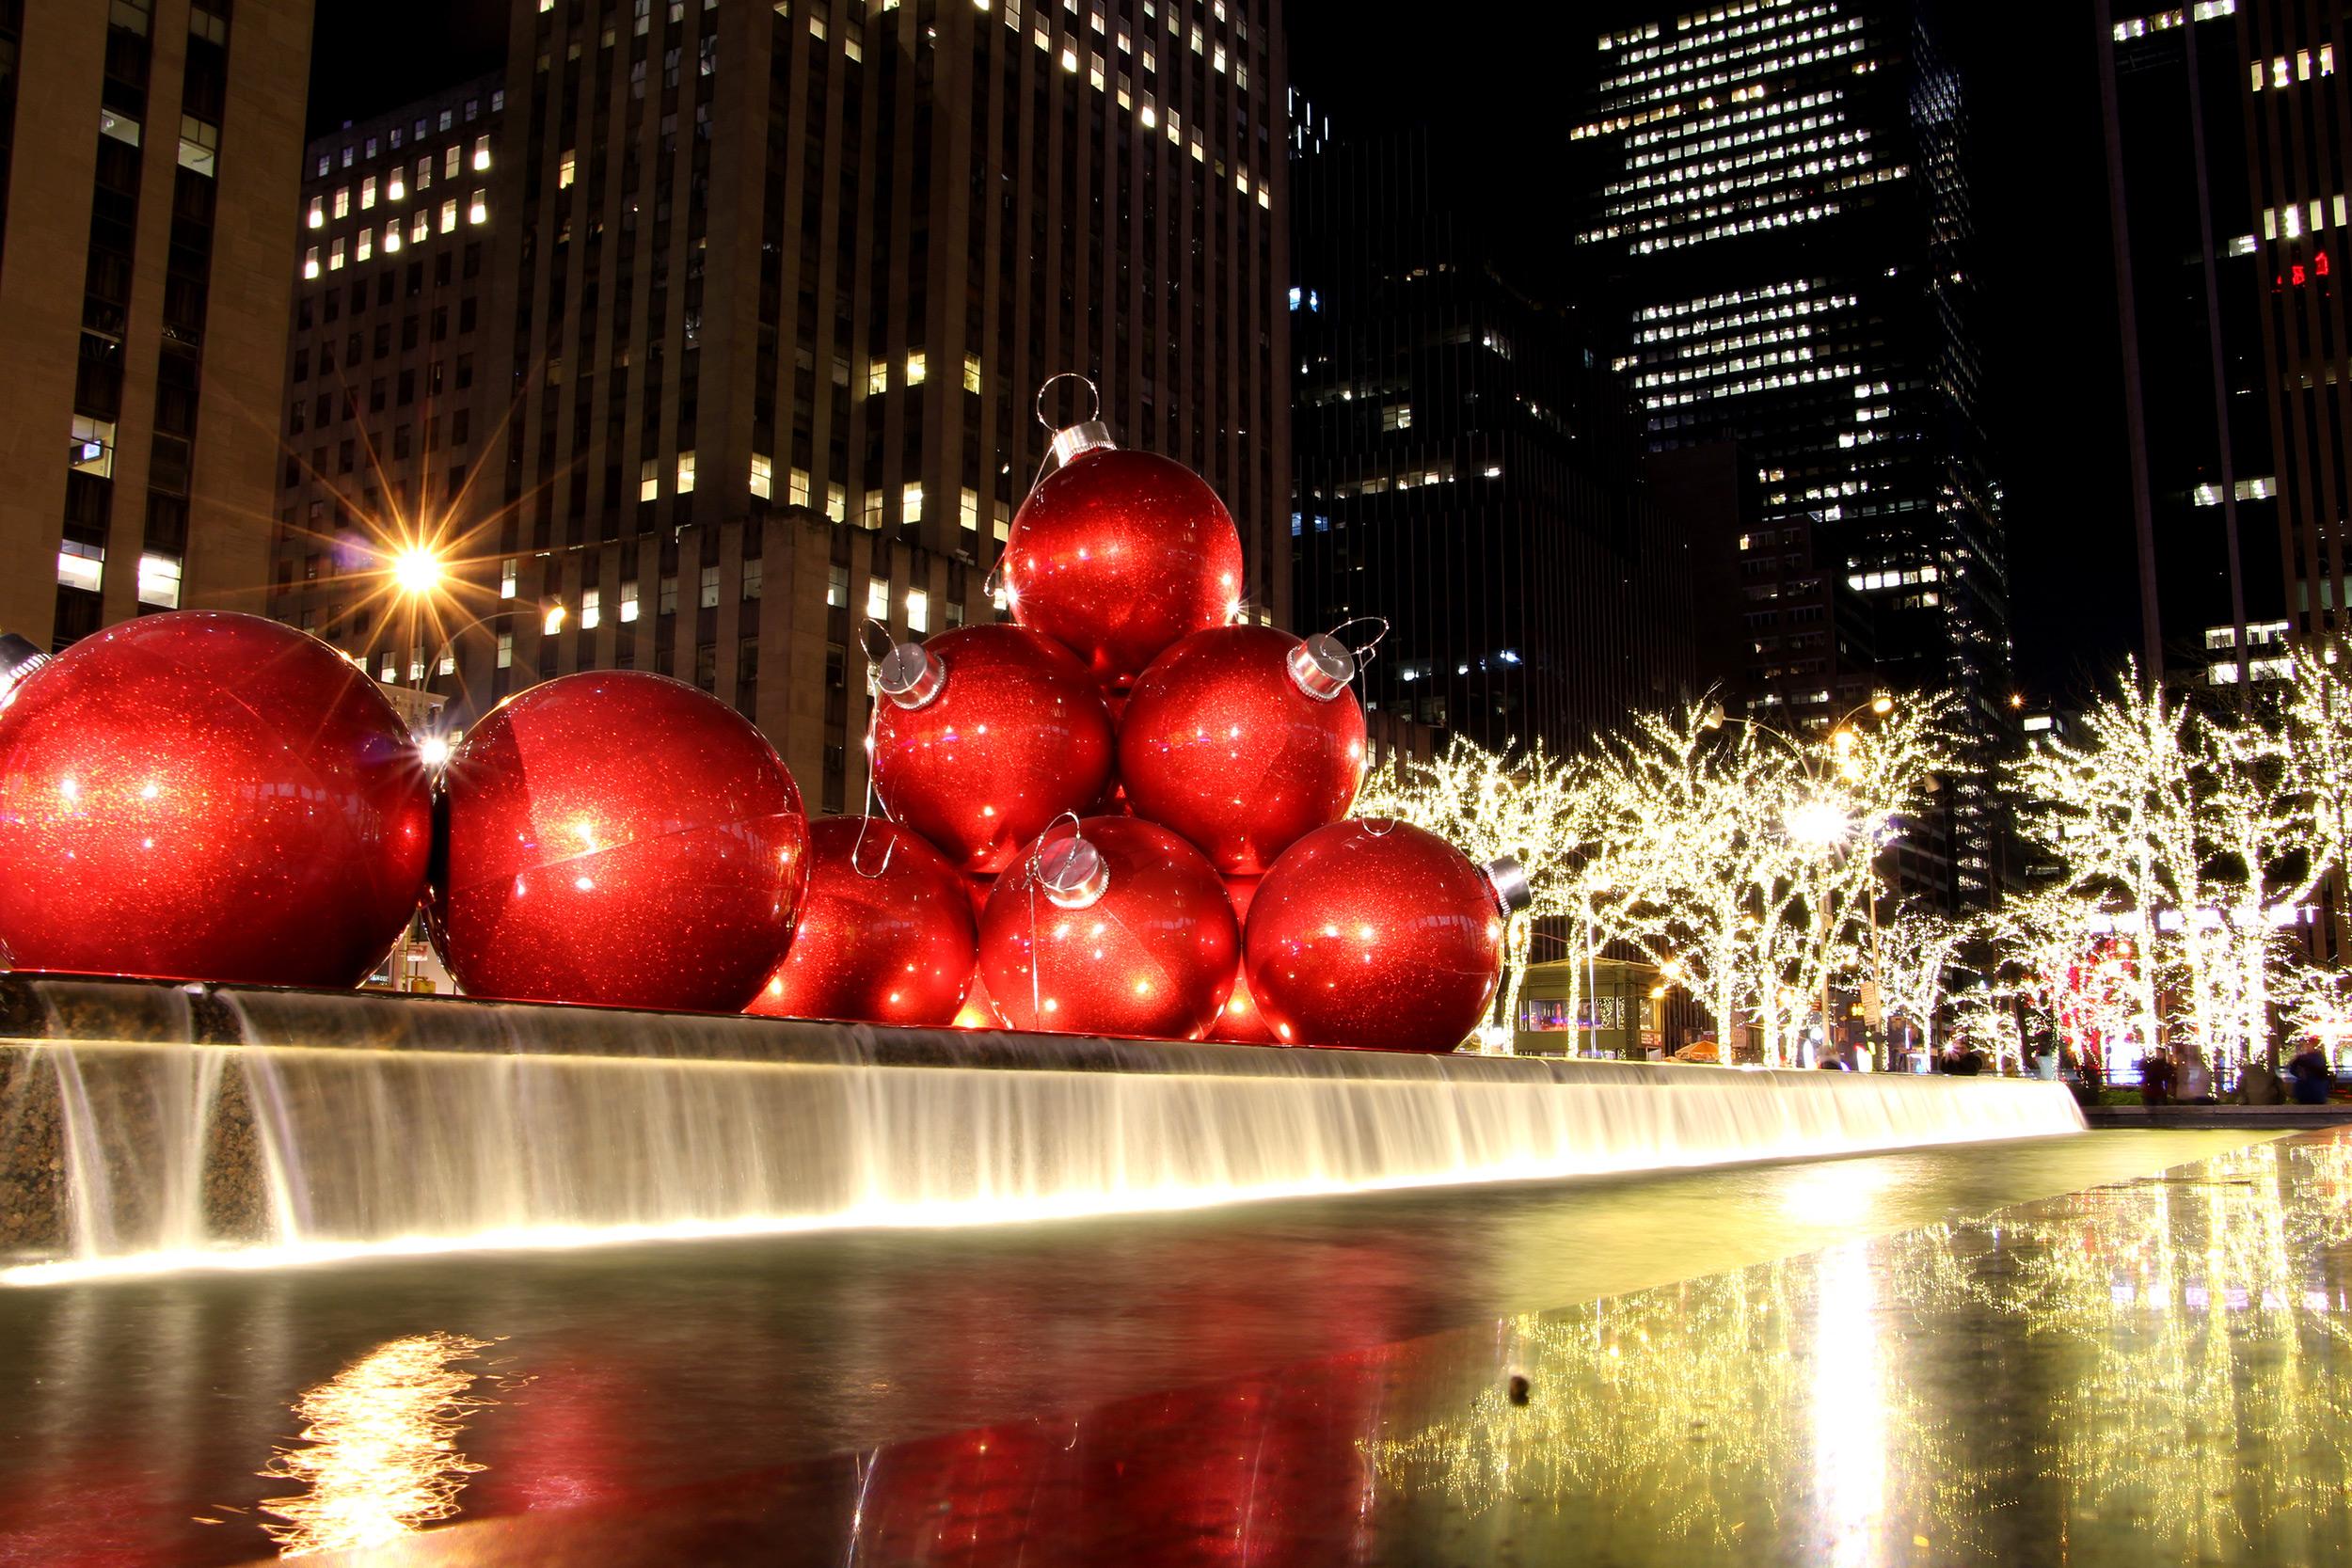 New York Weihnachten.Weihnachten In New York Tipps Fur Die Weihnachtszeit